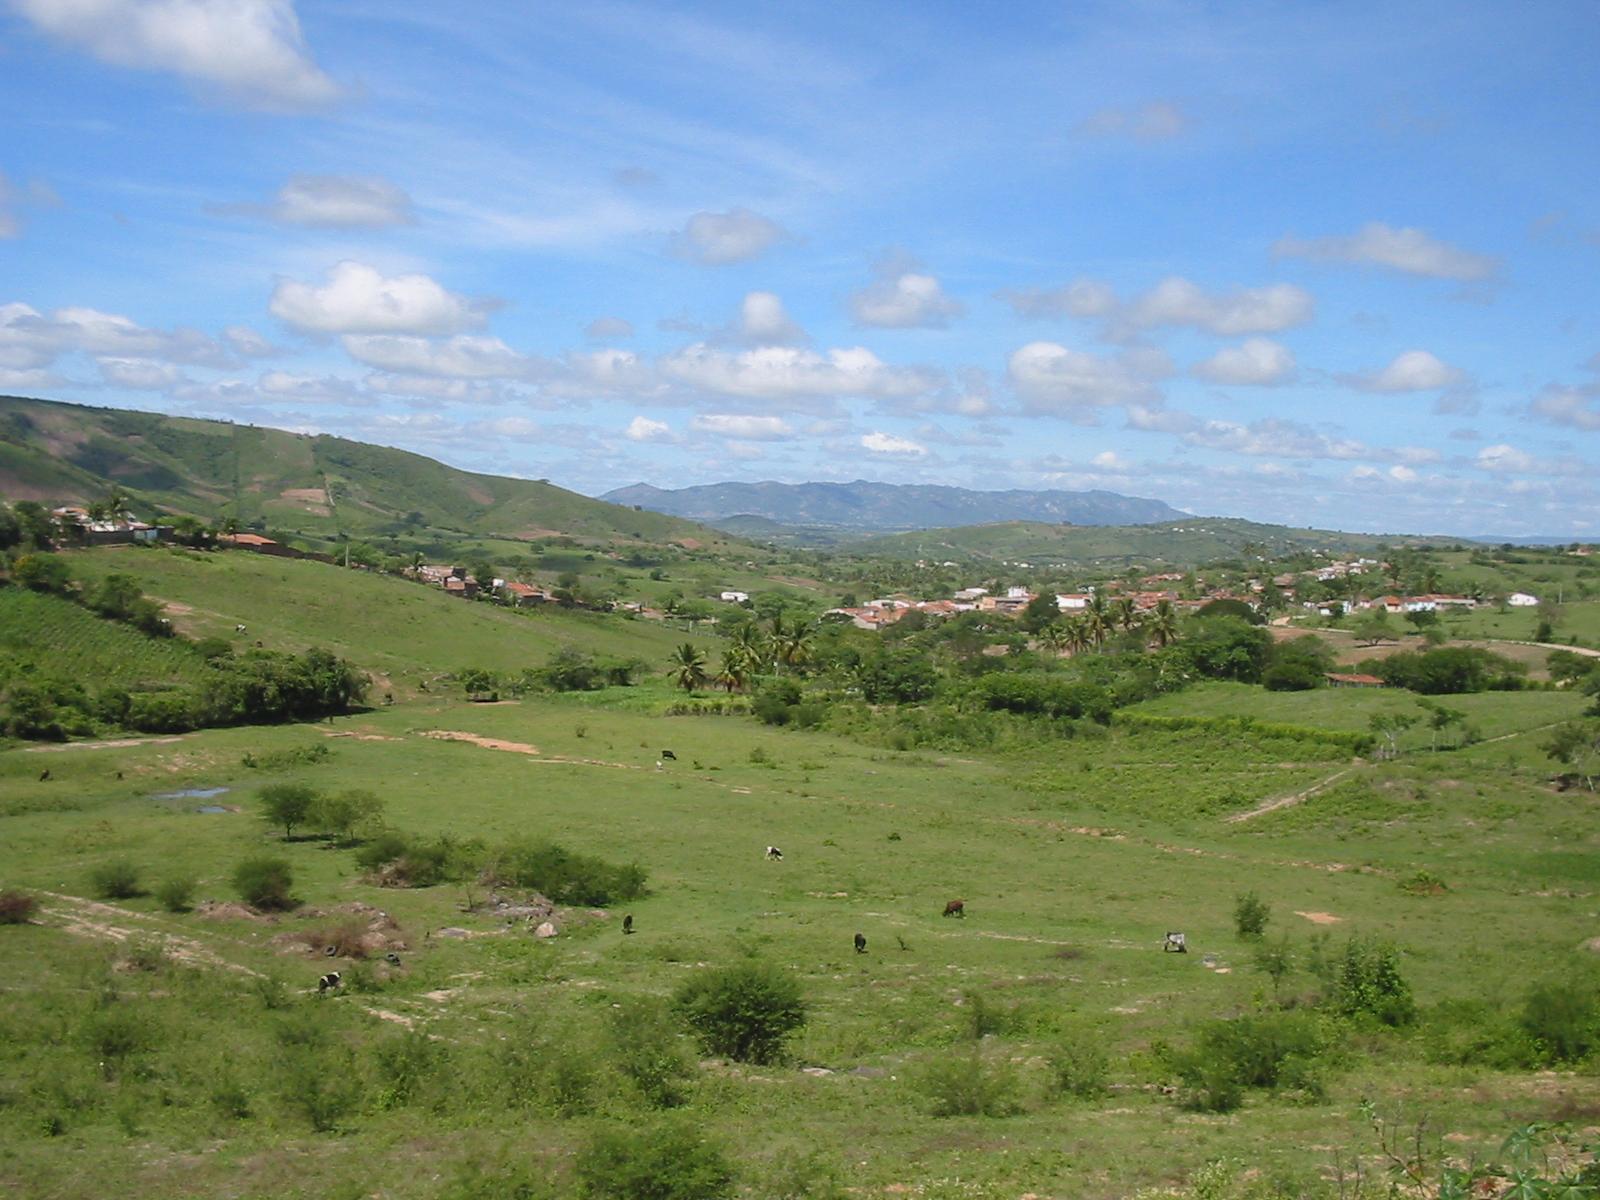 File:Cumaru-Zona-rural.jpg